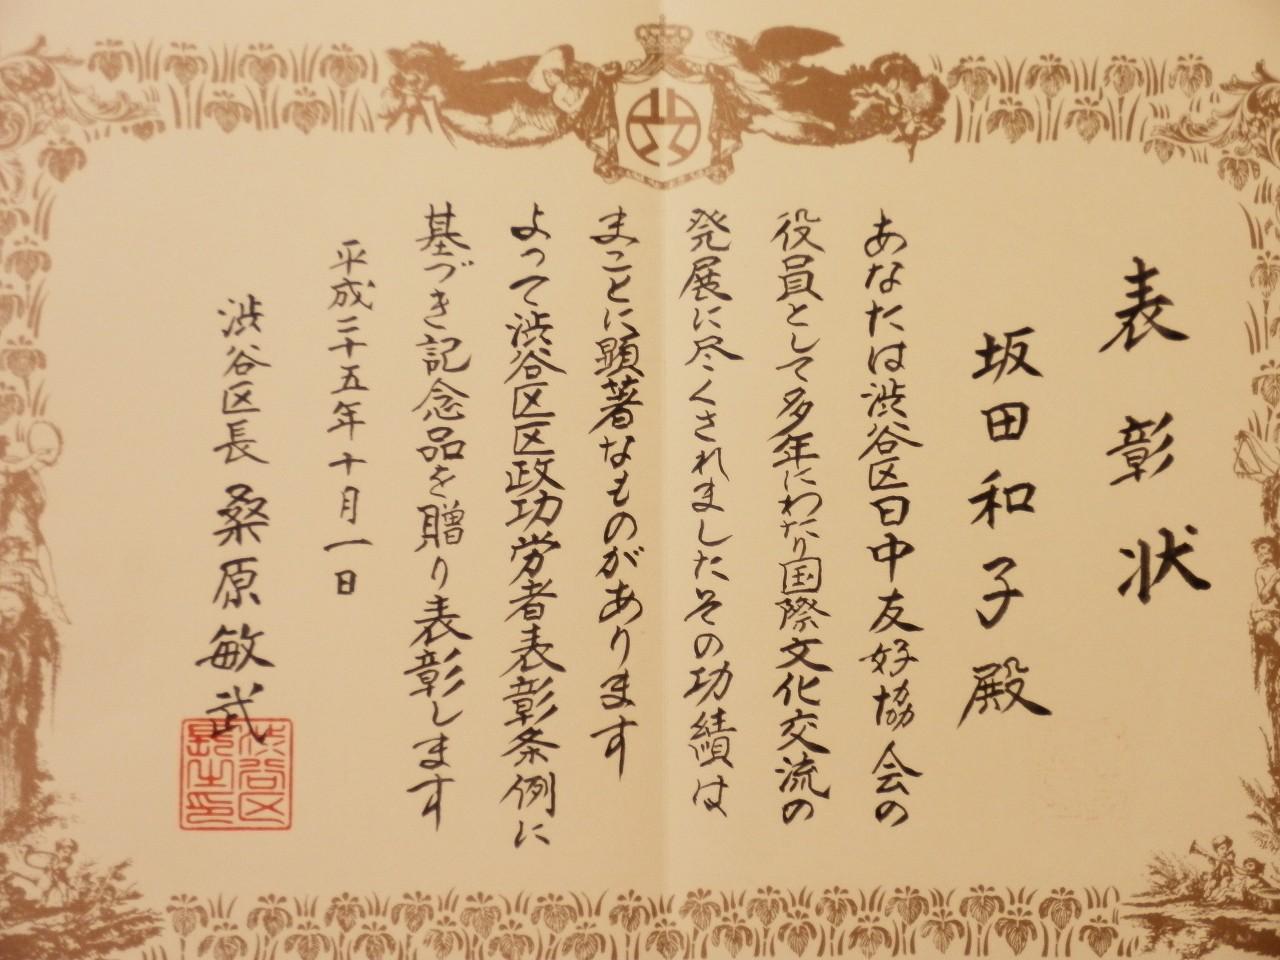 坂田理事長表彰